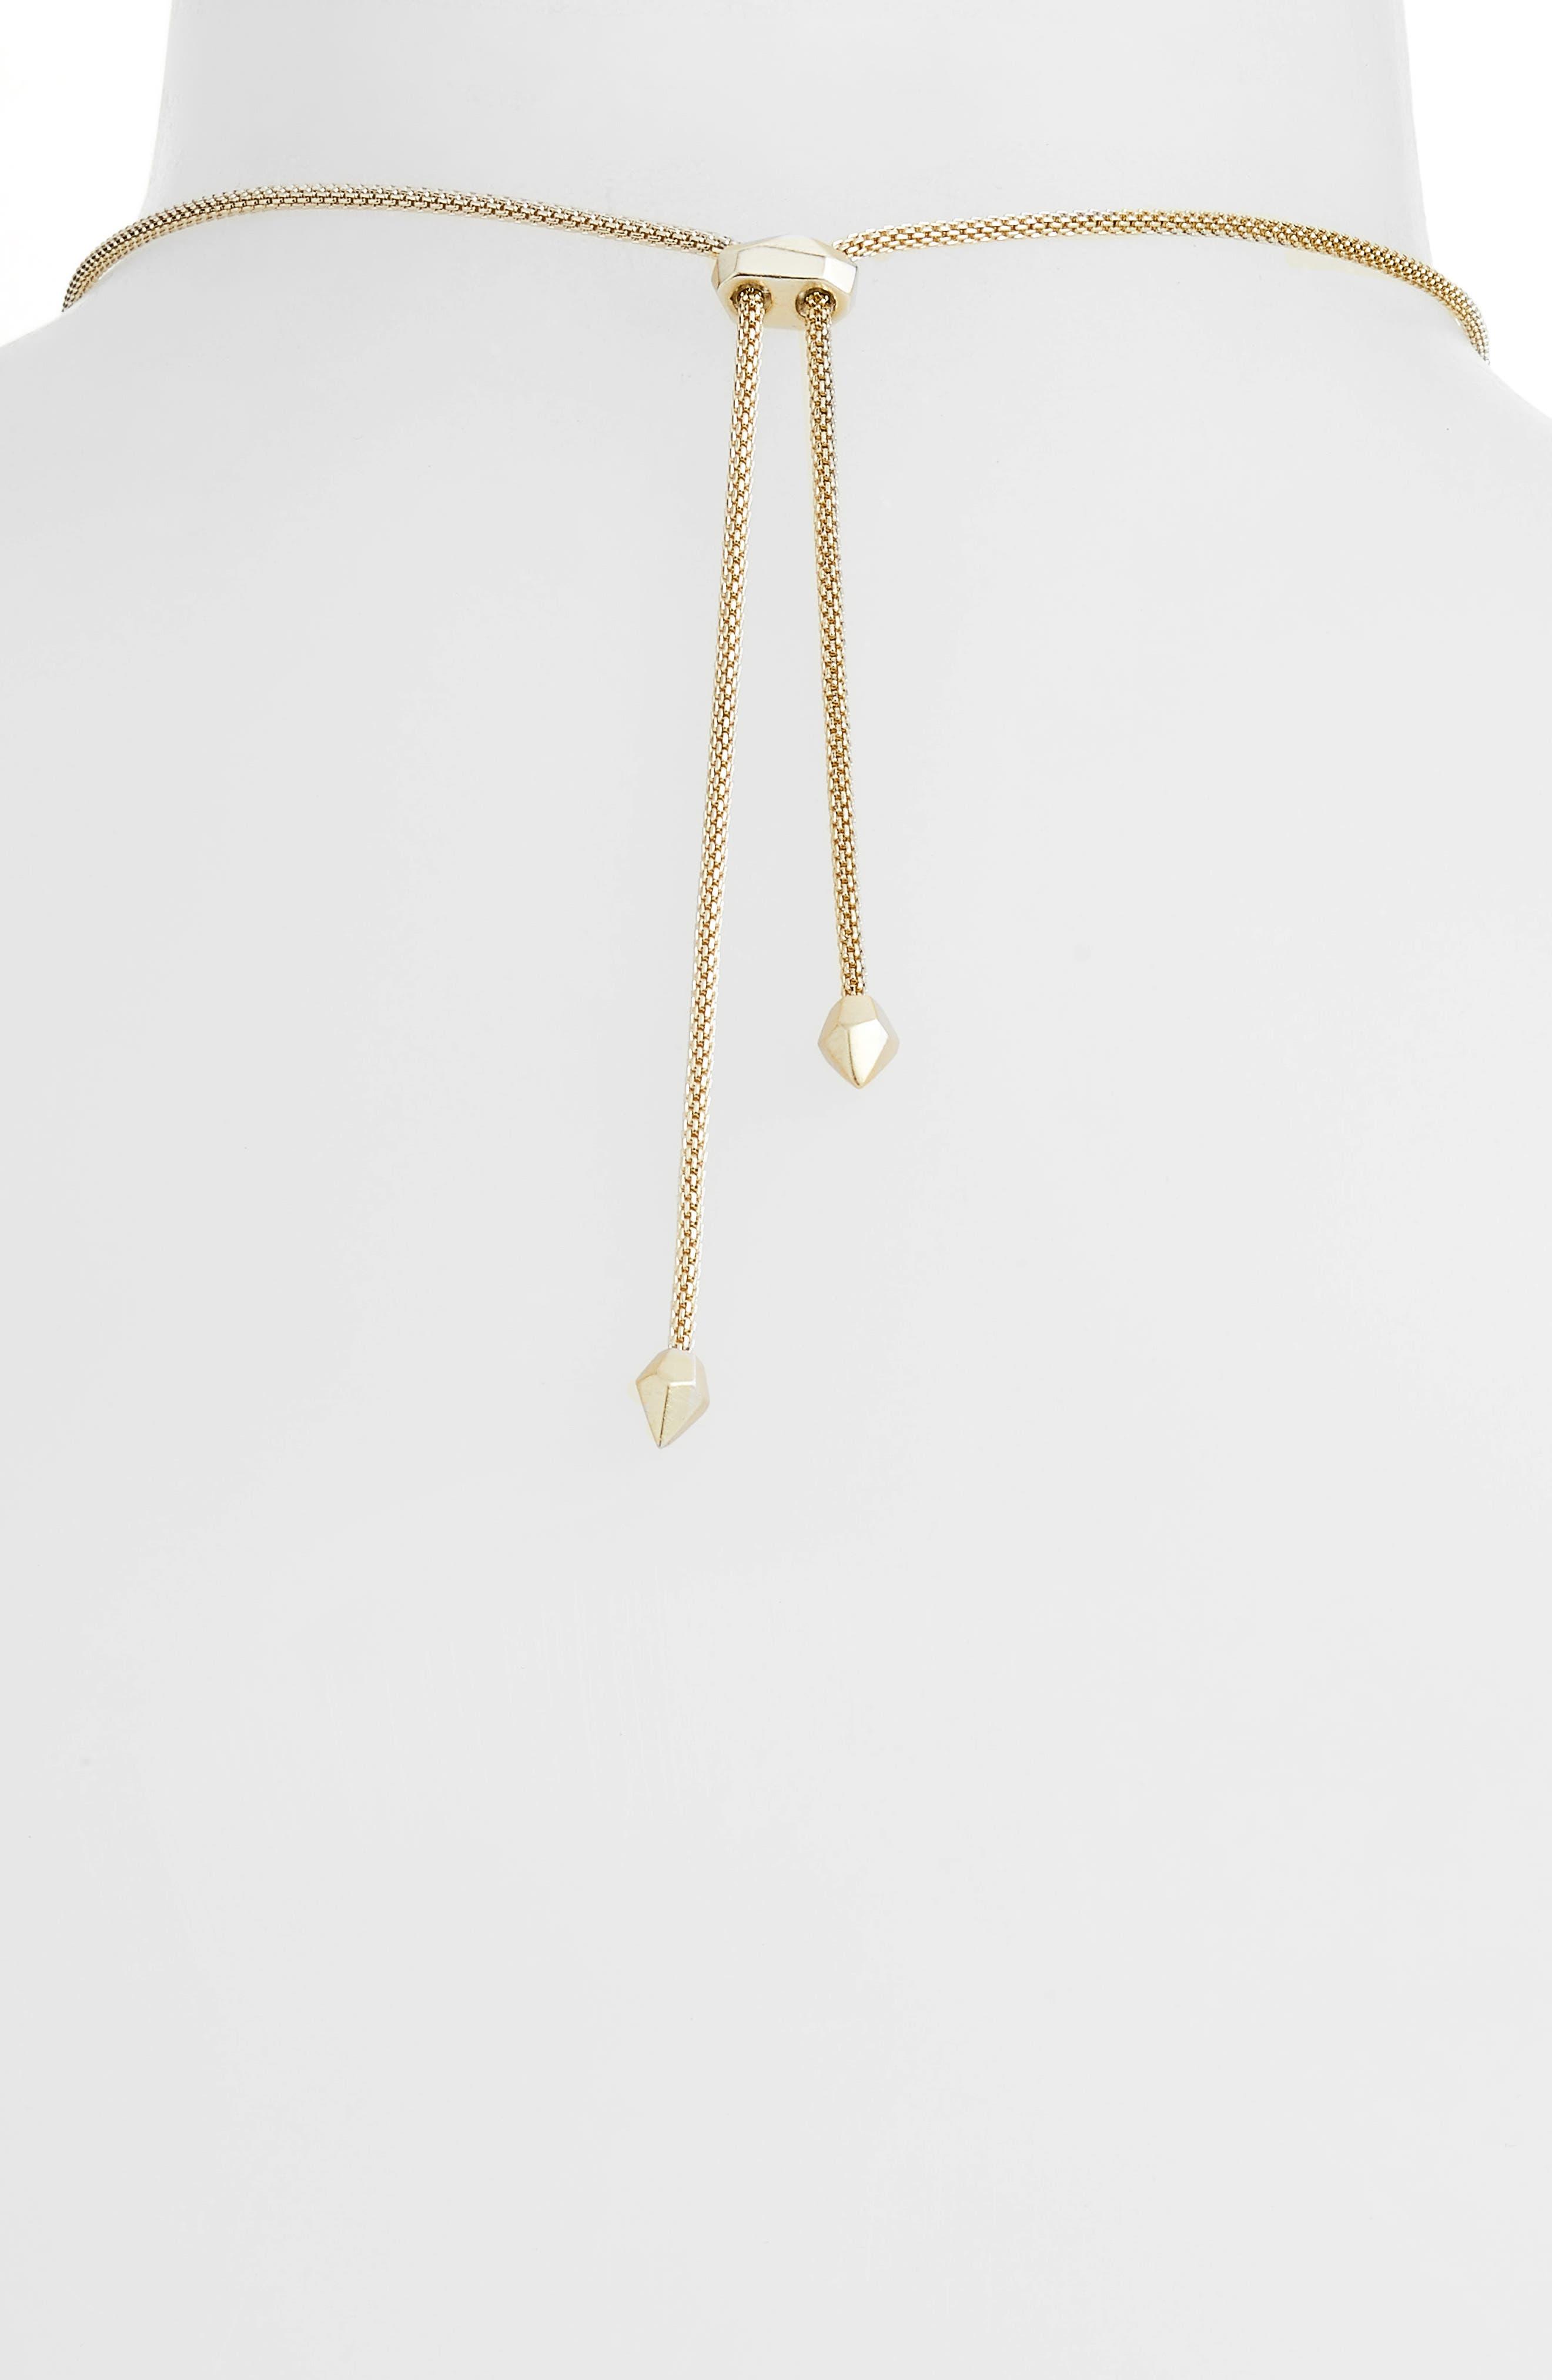 Inez Pendant Necklace,                             Alternate thumbnail 4, color,                             BLACK/ GOLD